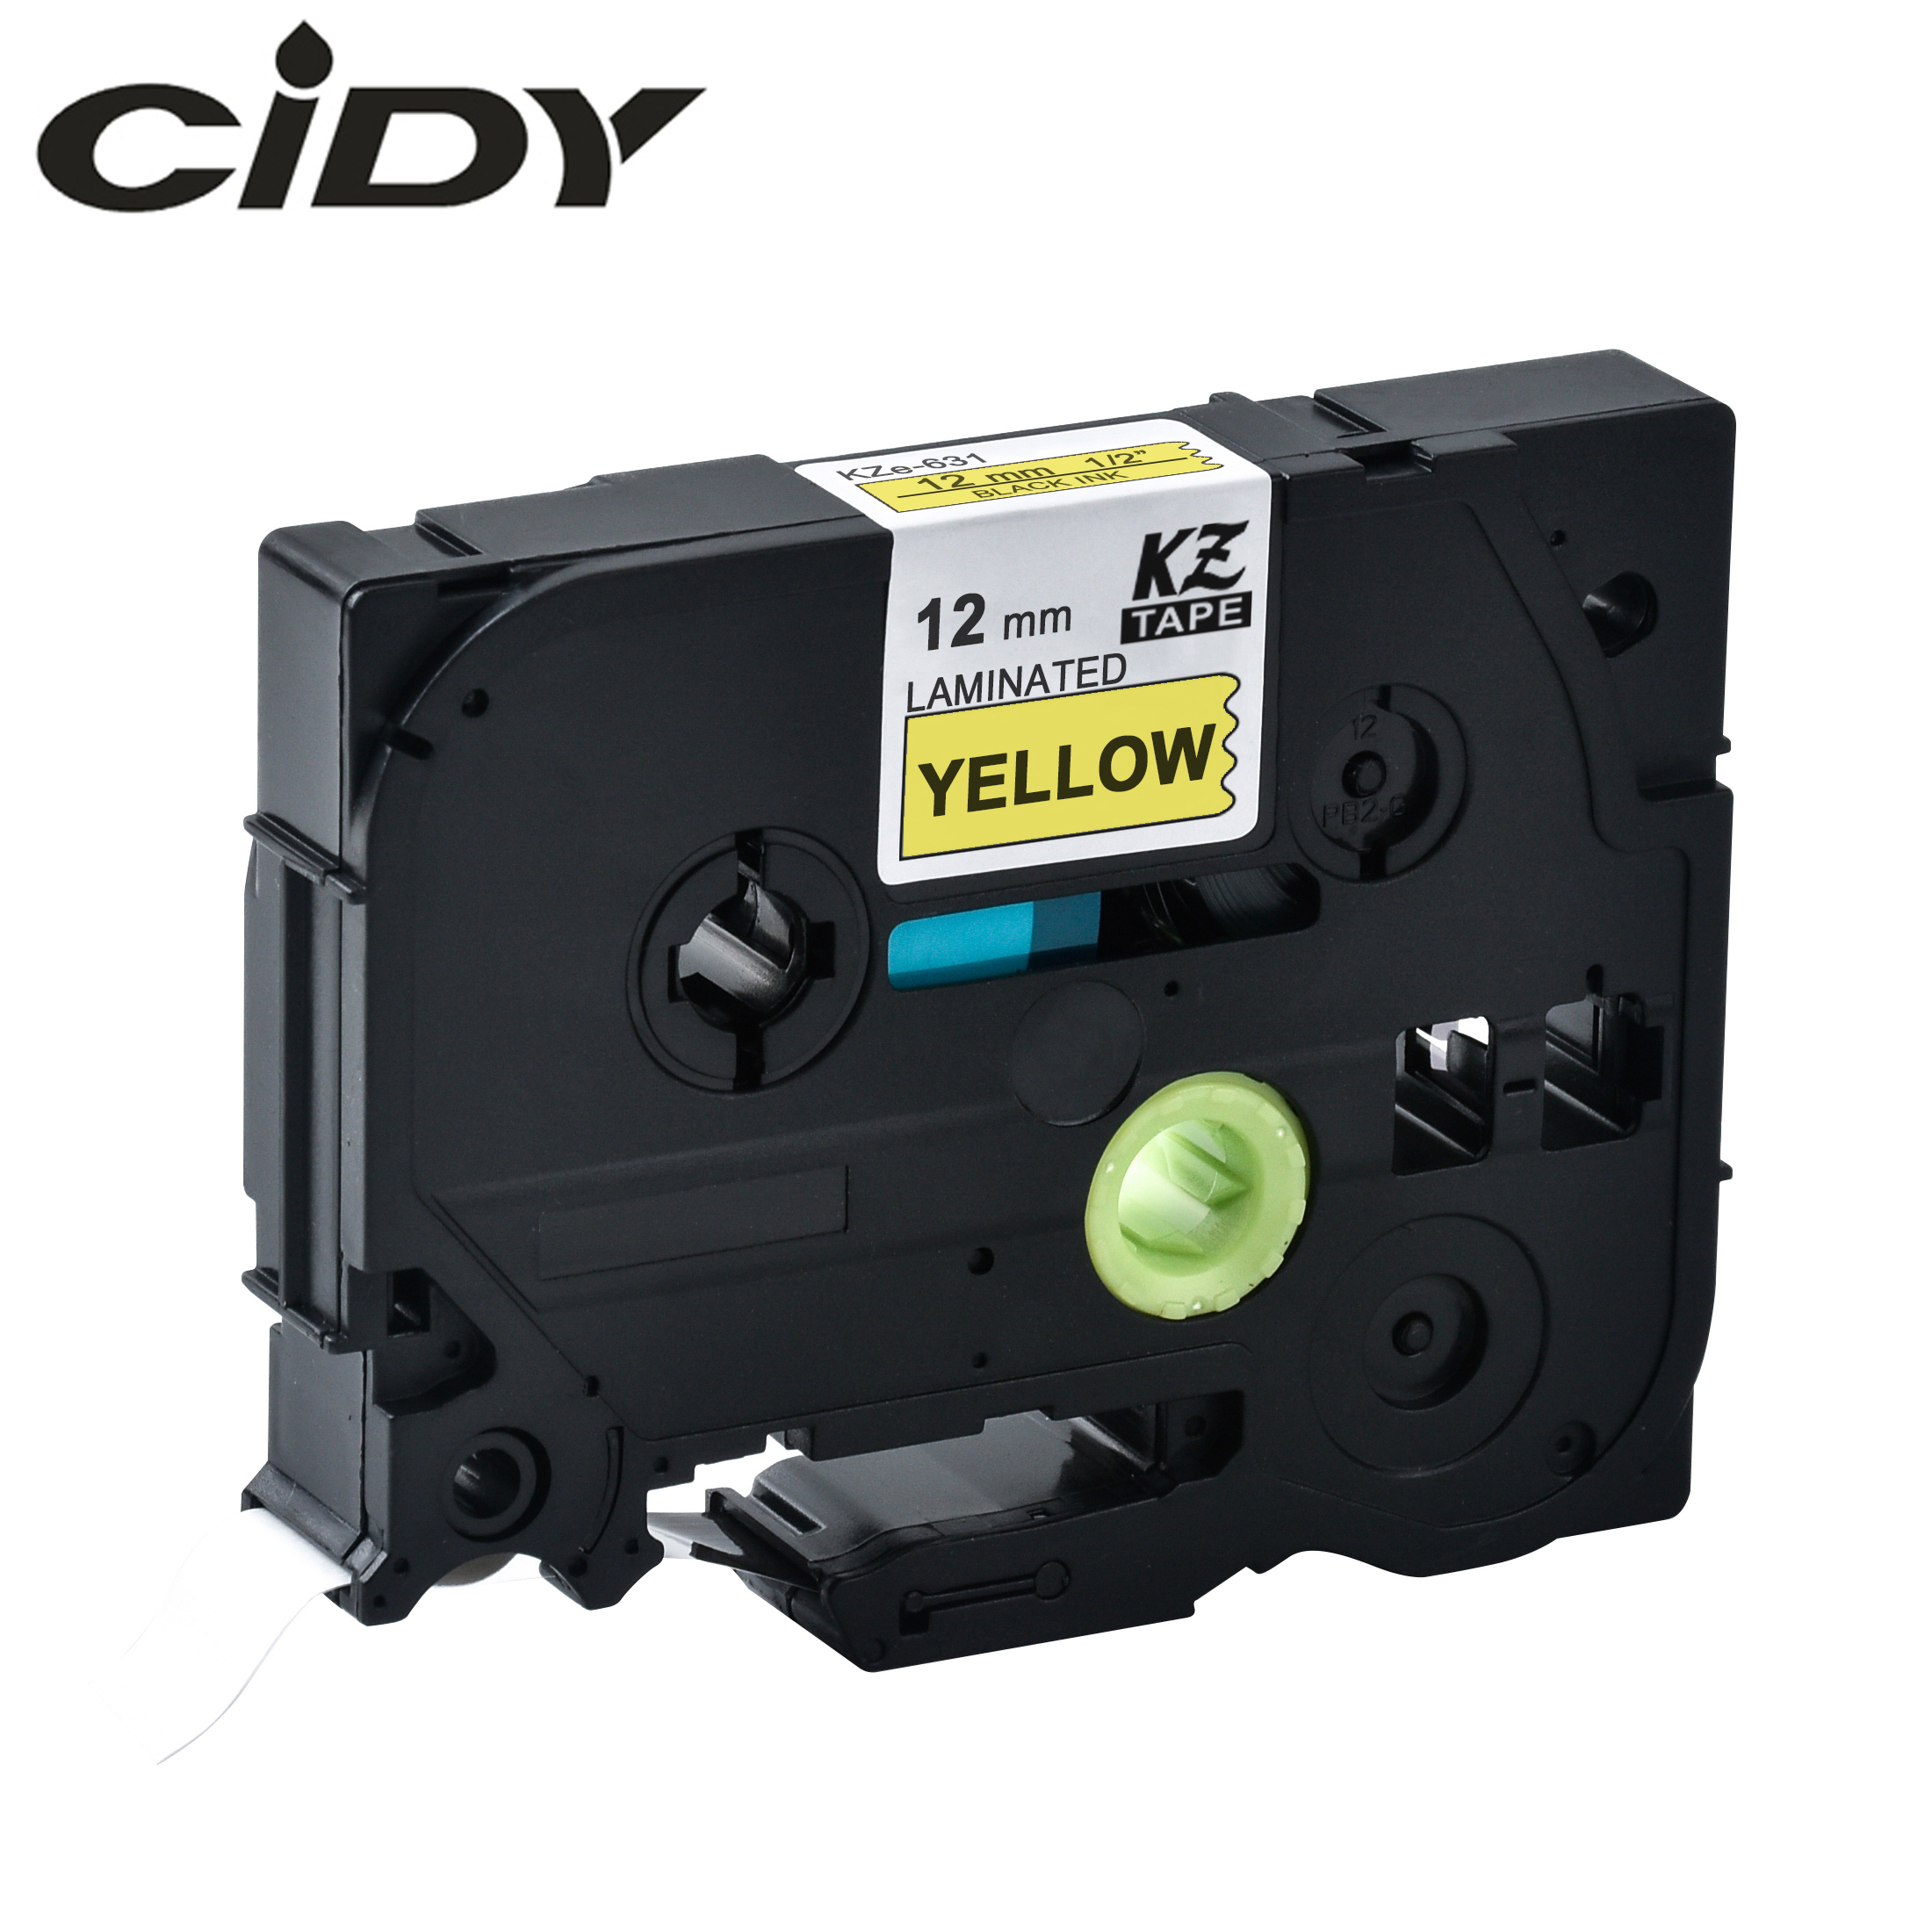 CIDY  Tze 631 Tz631 Black On Yellow Minated Compatible P Touch 12mm Tze-631 Tz-631 Tze631 Label Tape Cassette Cartridge